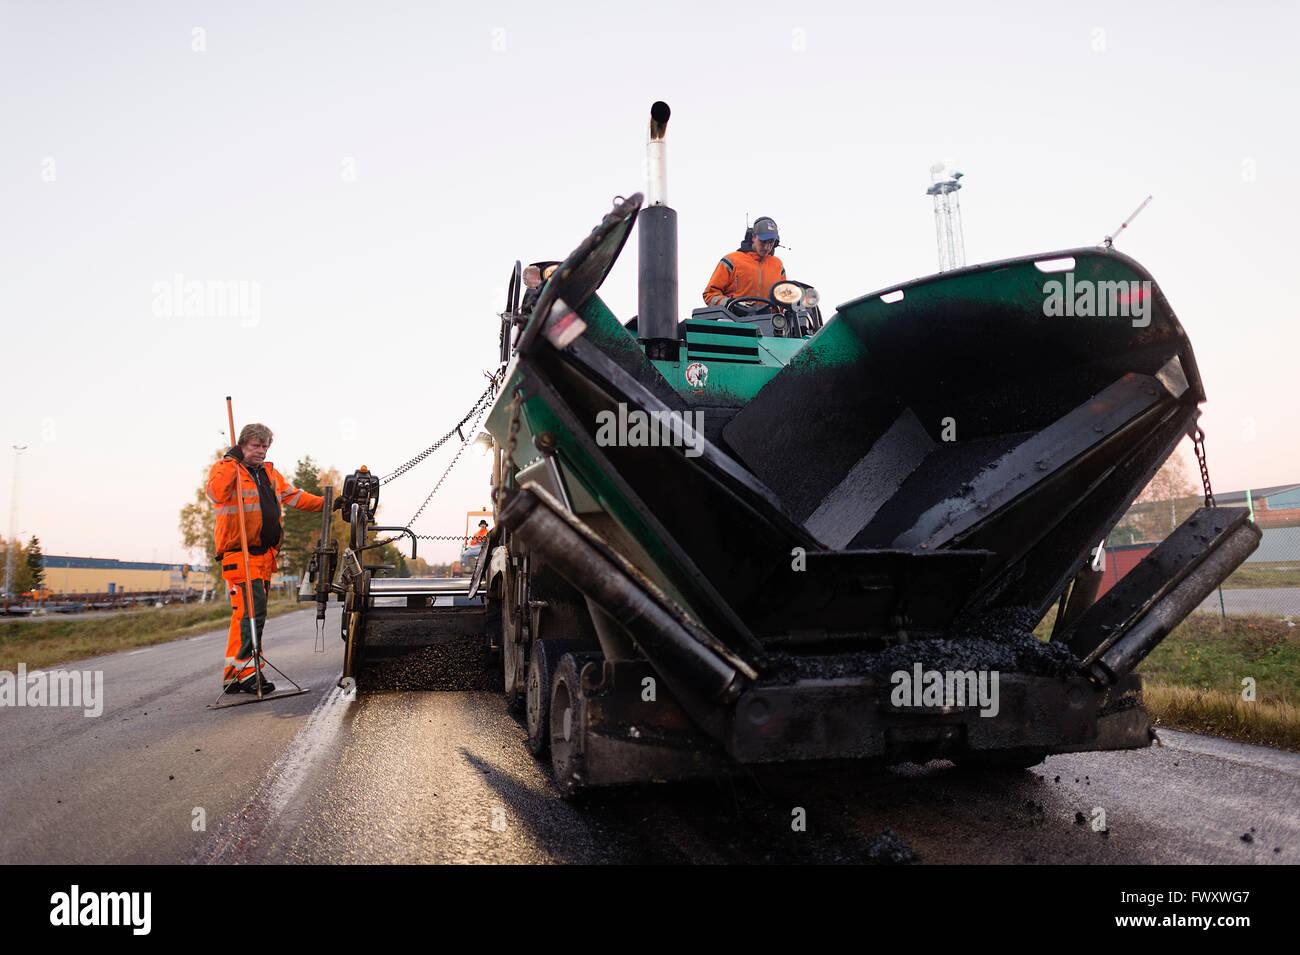 Sweden, Narke, Three manual workers repairing road - Stock Image